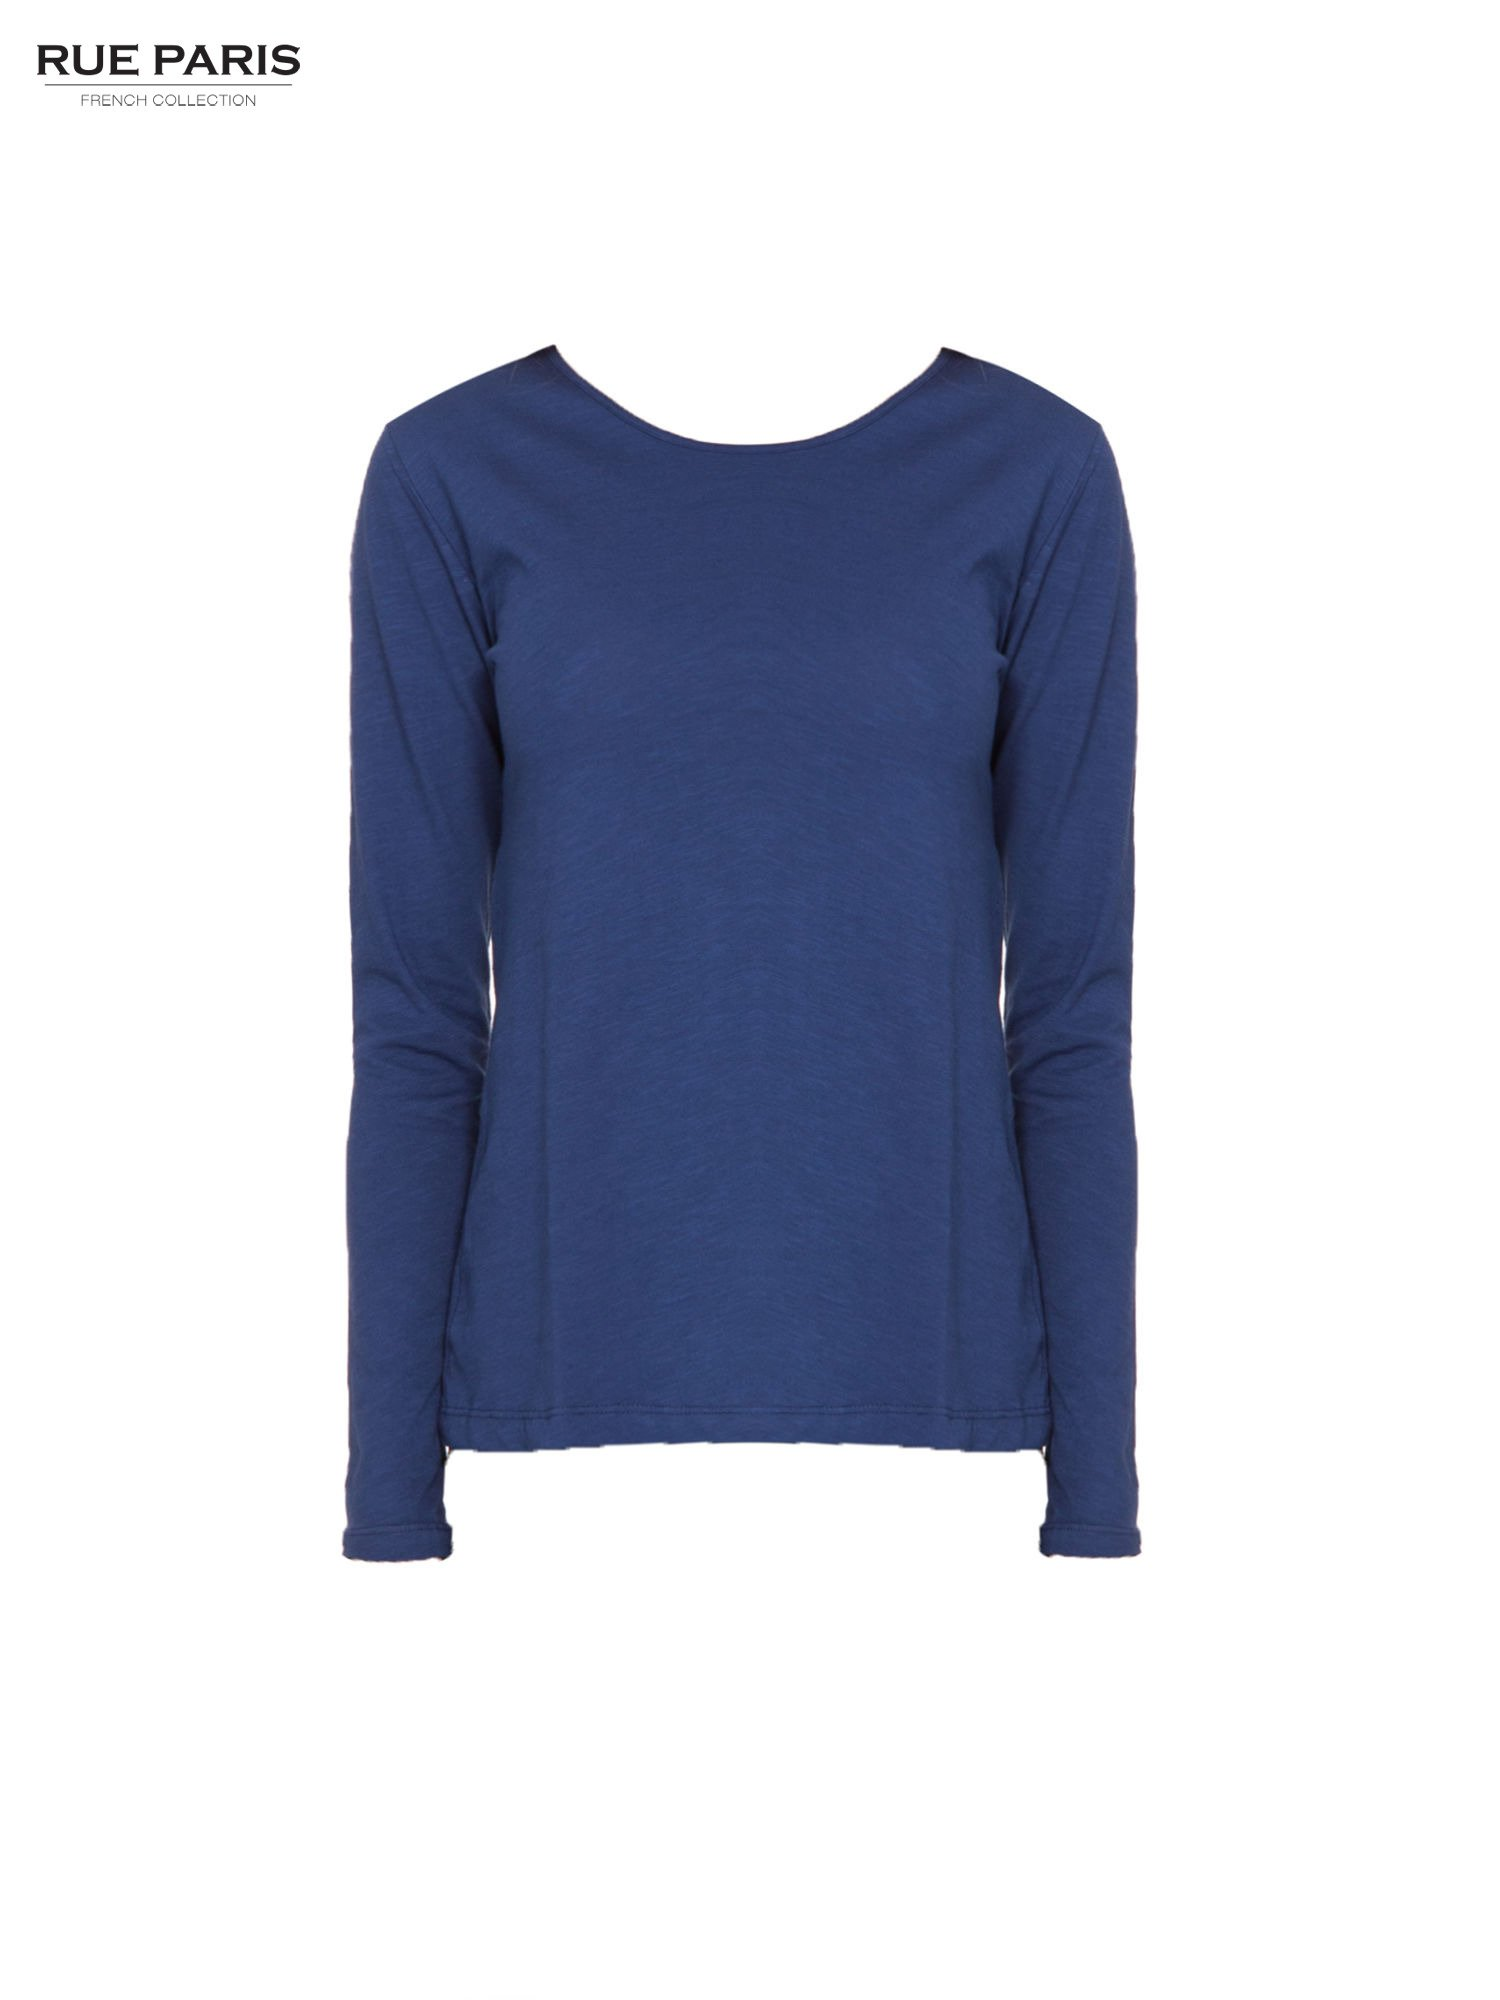 Granatowa basicowa bluzka z długim rękawem                                  zdj.                                  5